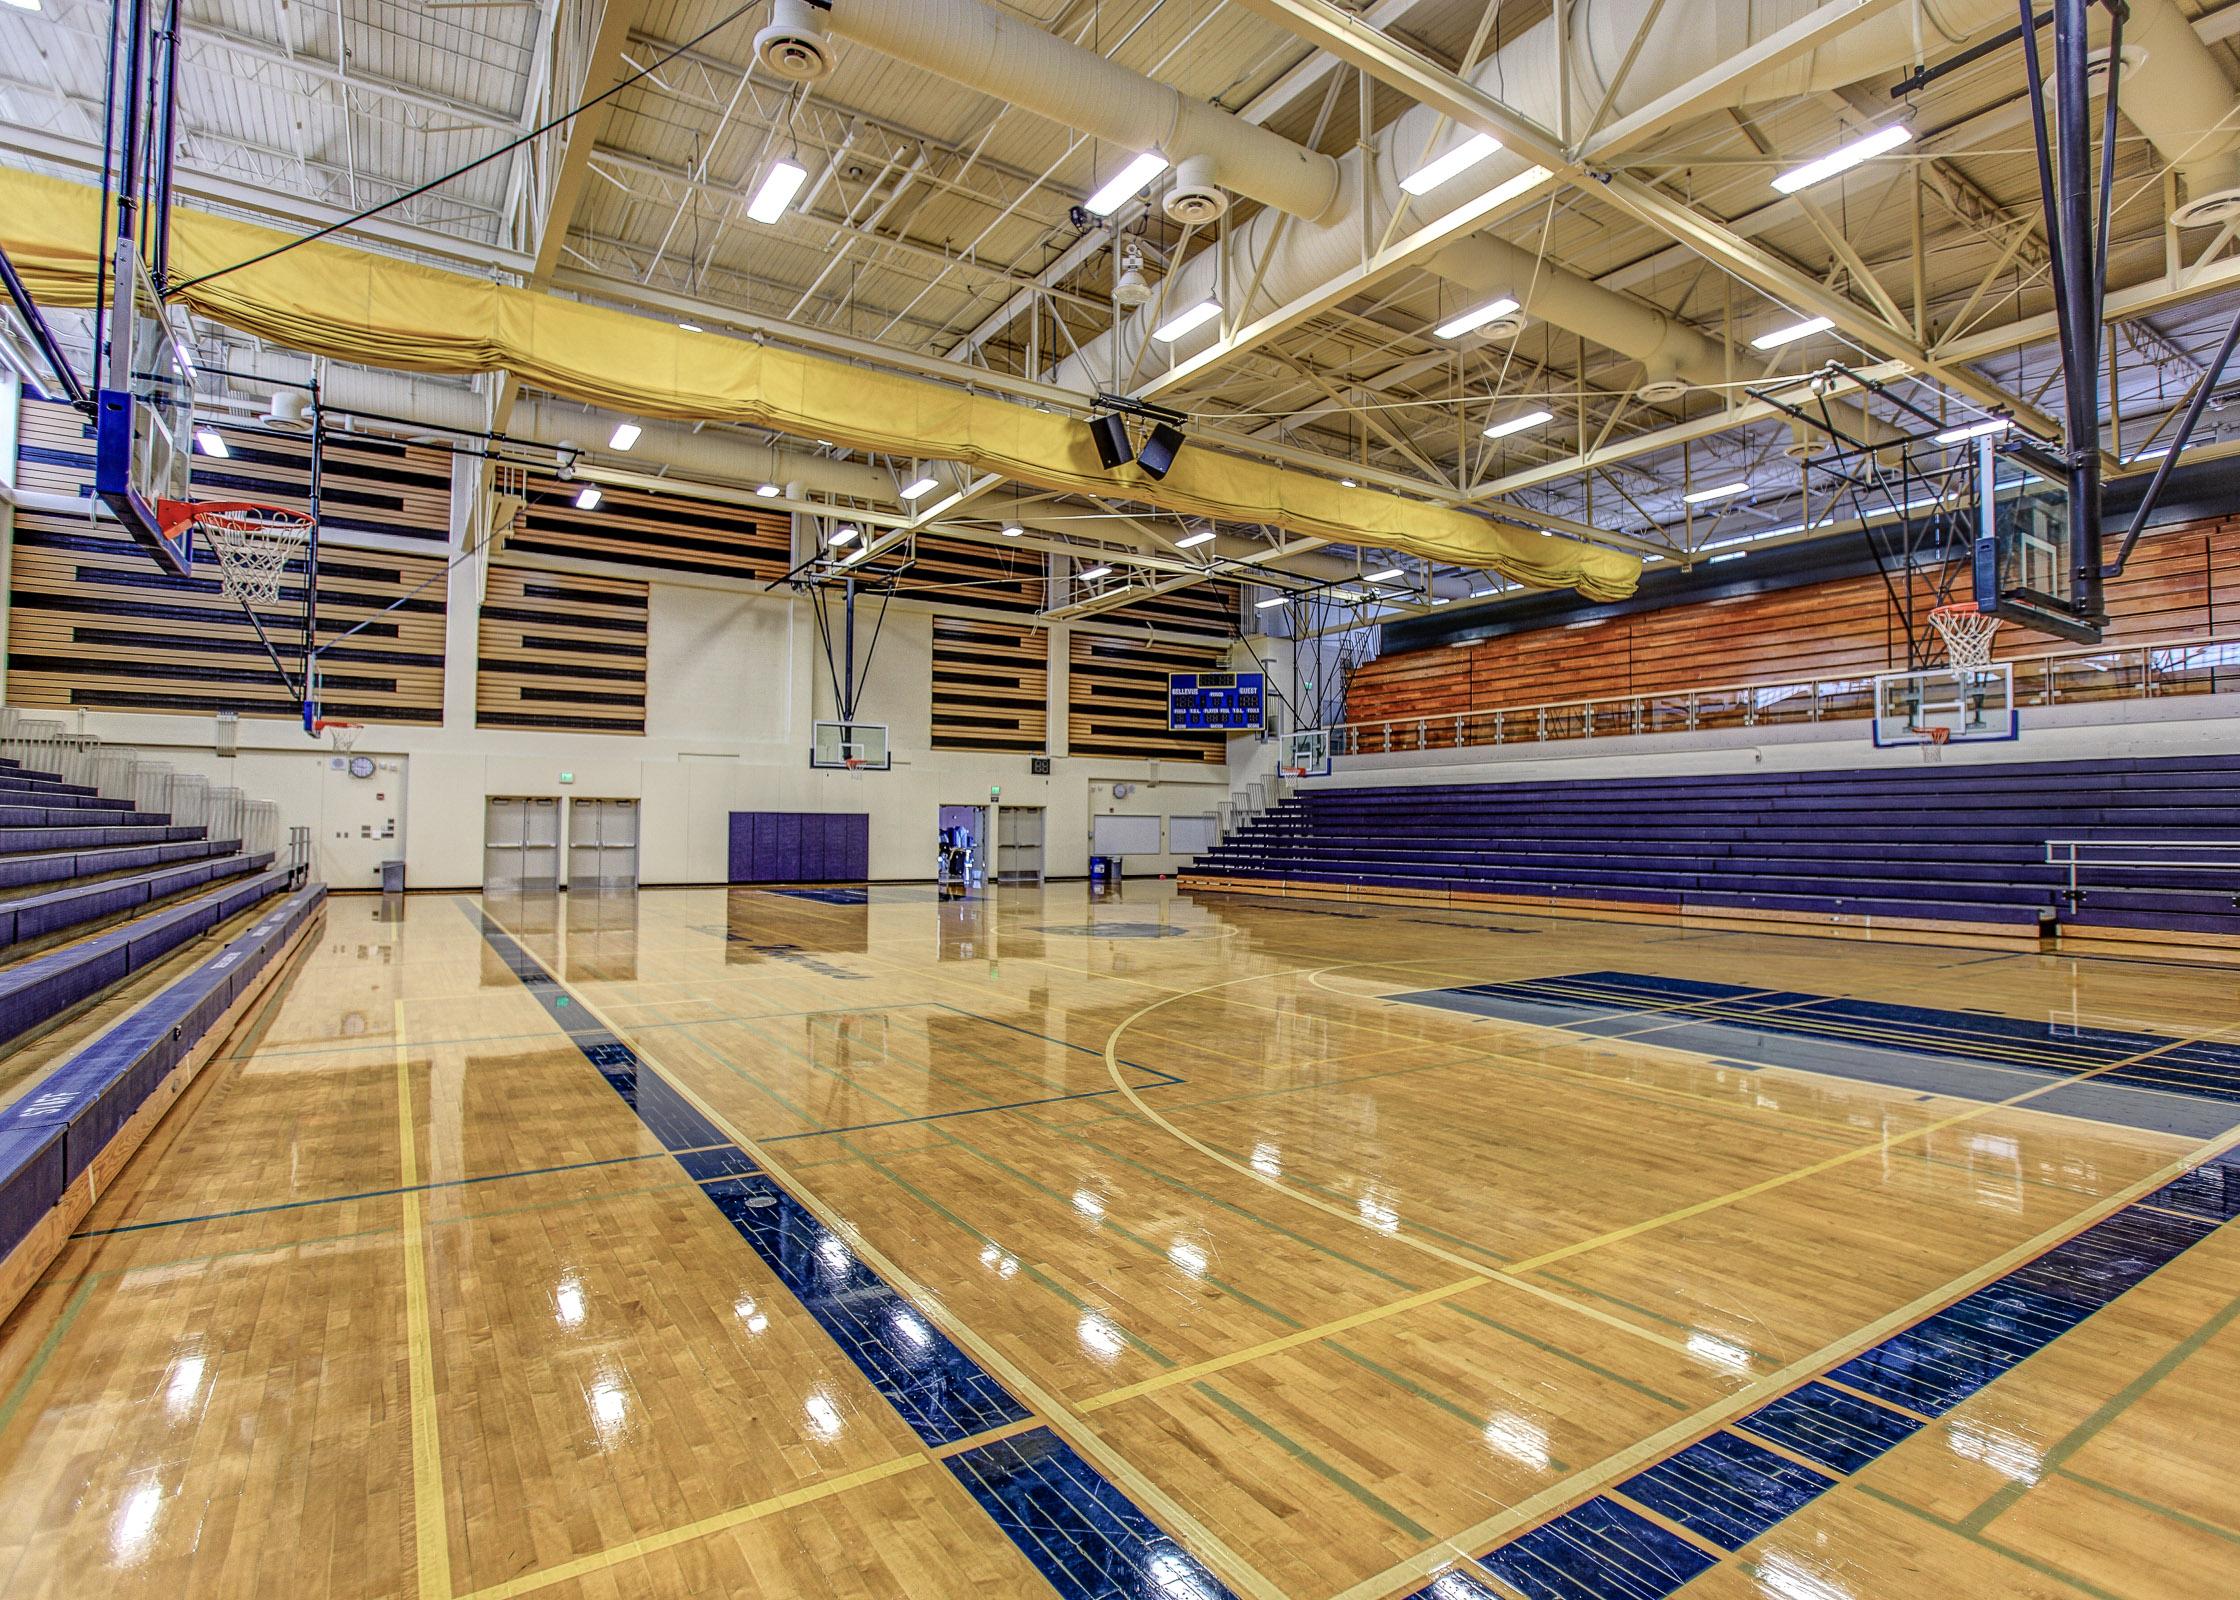 bellevue high school